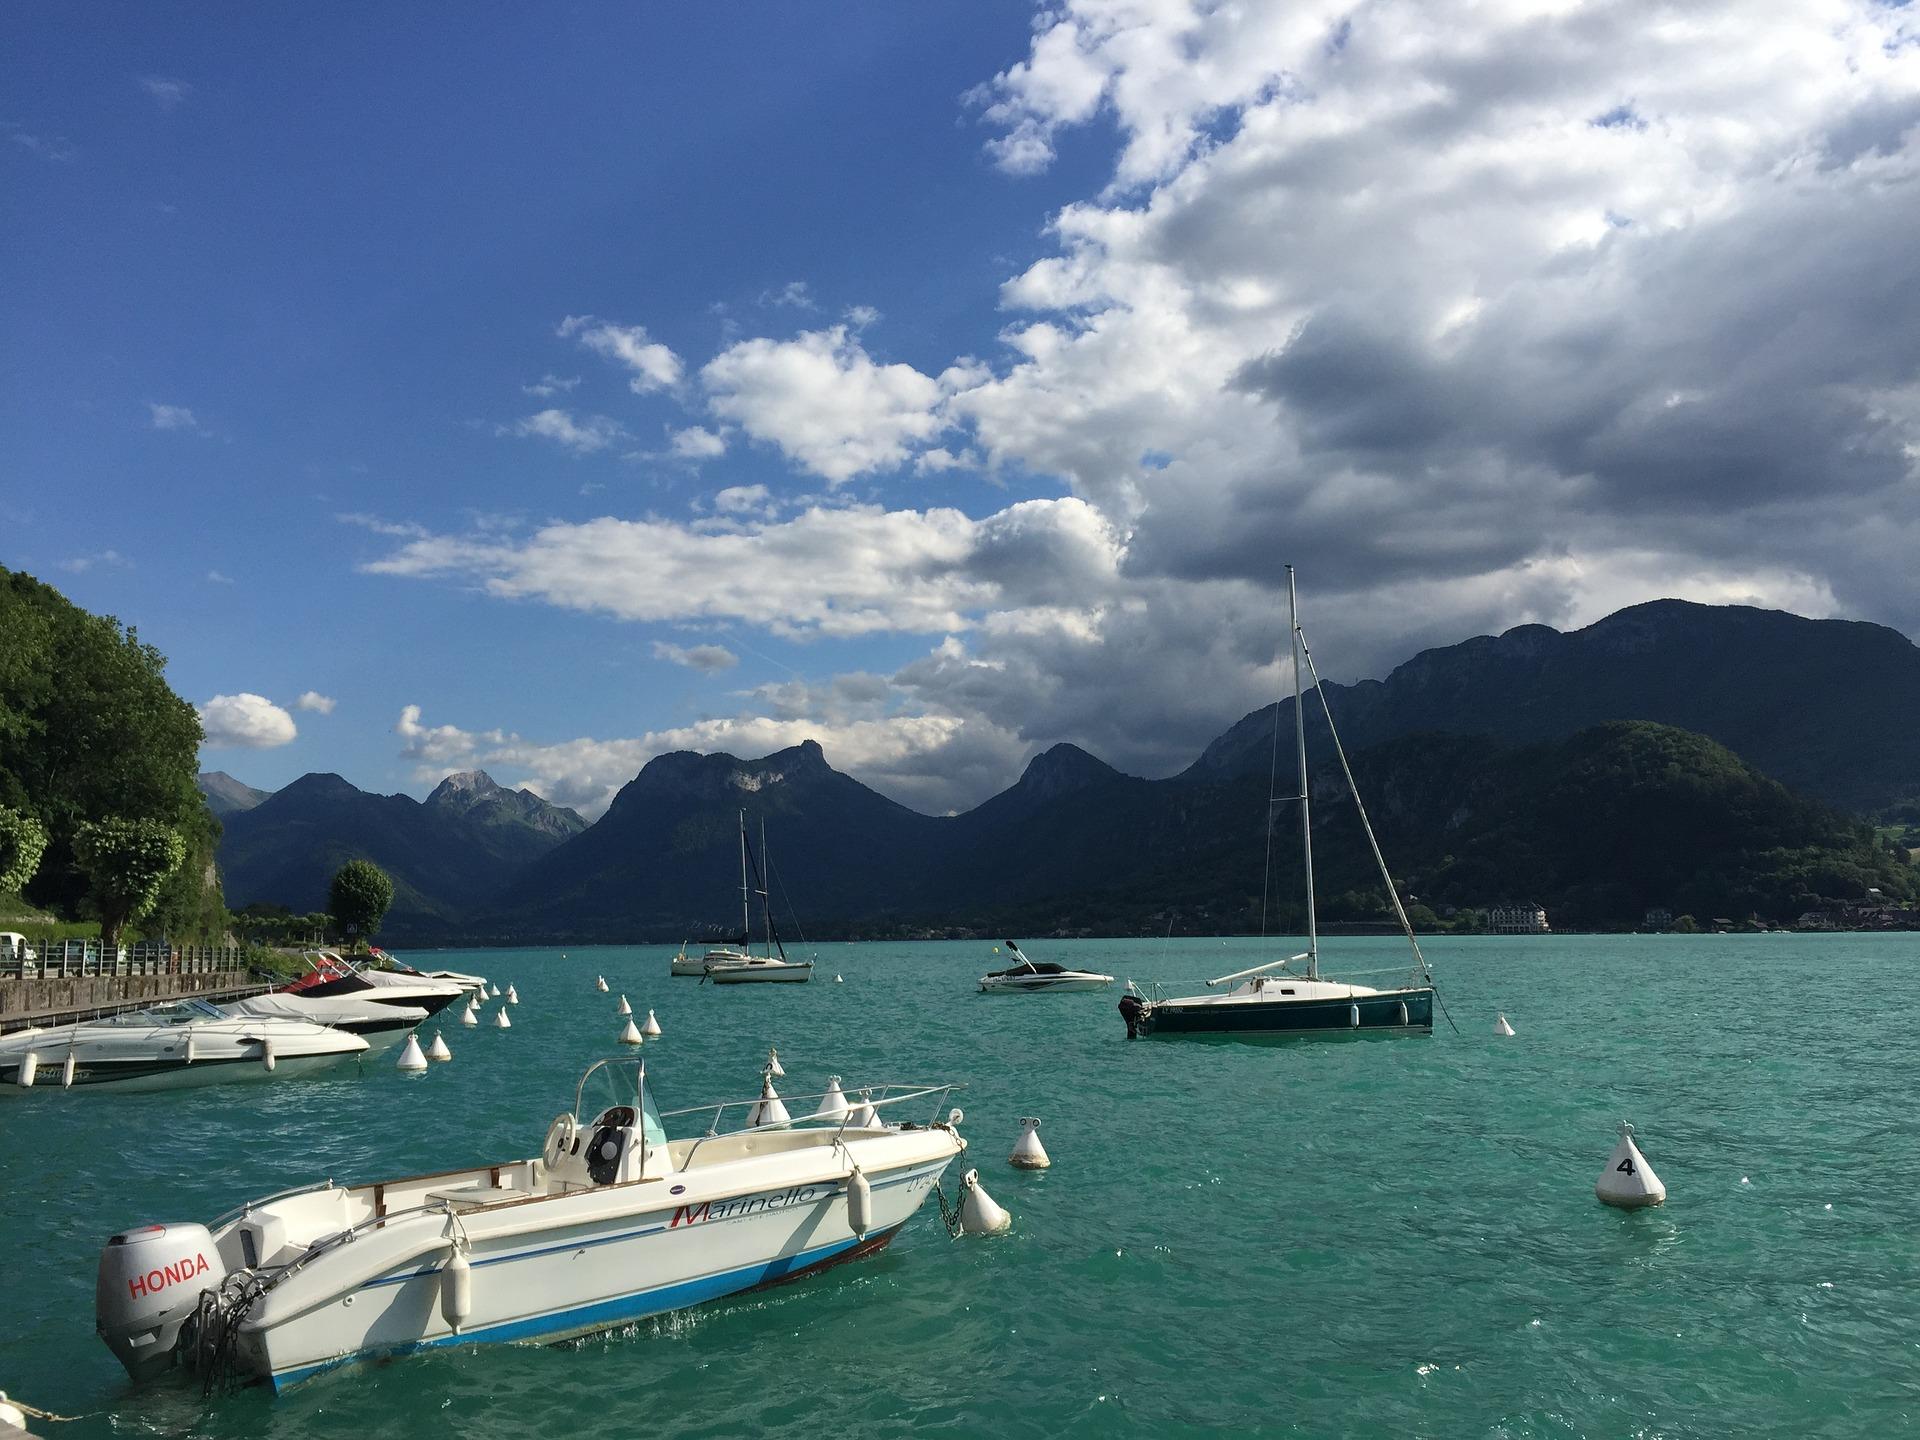 Lac_d'Annecy_CC0.jpg?1543405070